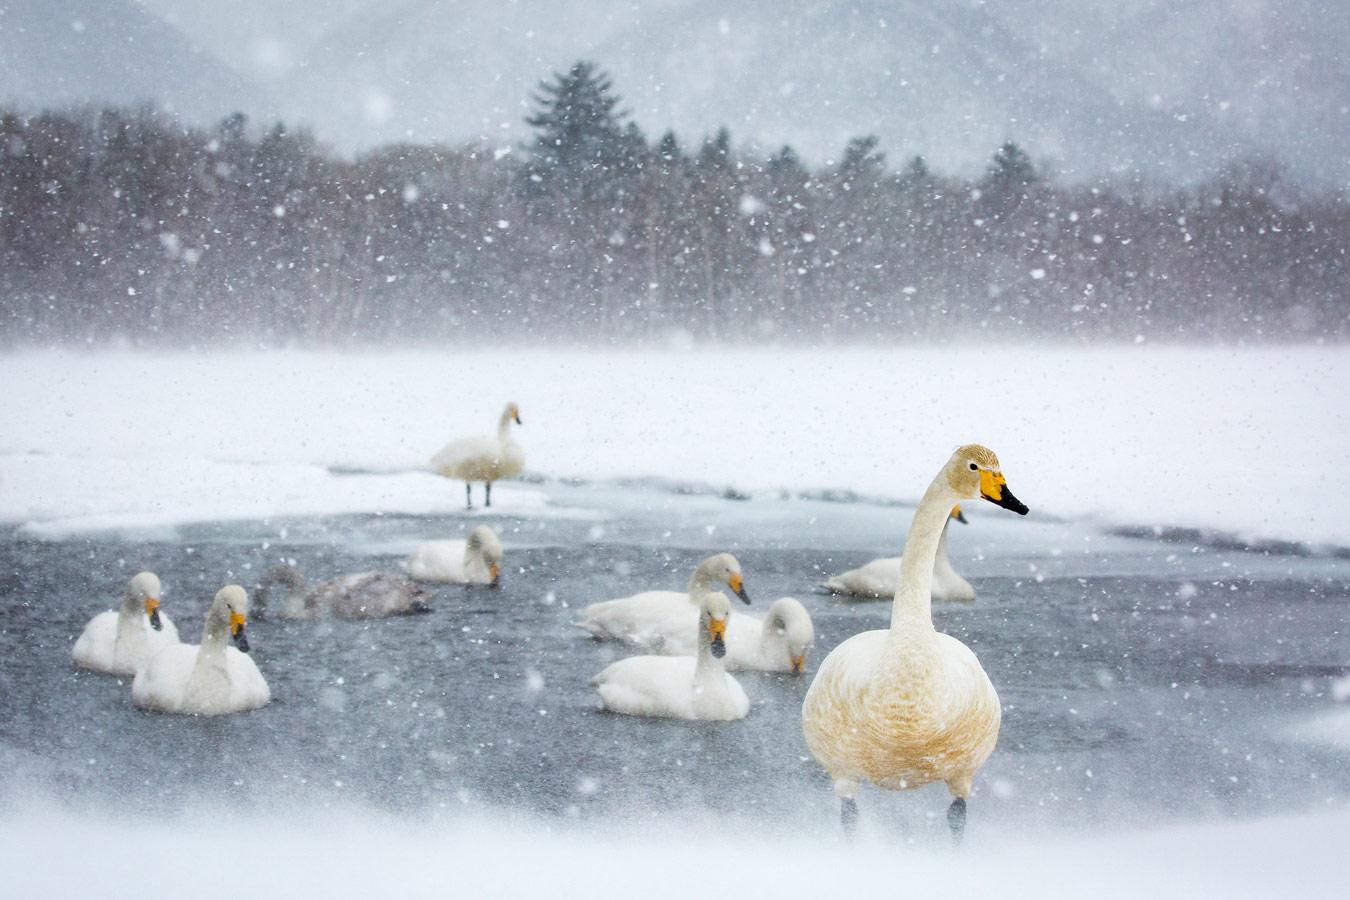 Лебединое озеро, © Келли Незервуд, Лондон, Великобритания, 1-е место в категории «Кадры путешествий», любитель, Фотоконкурс экстремальных путешествий «Мир в фокусе» — World In Focus